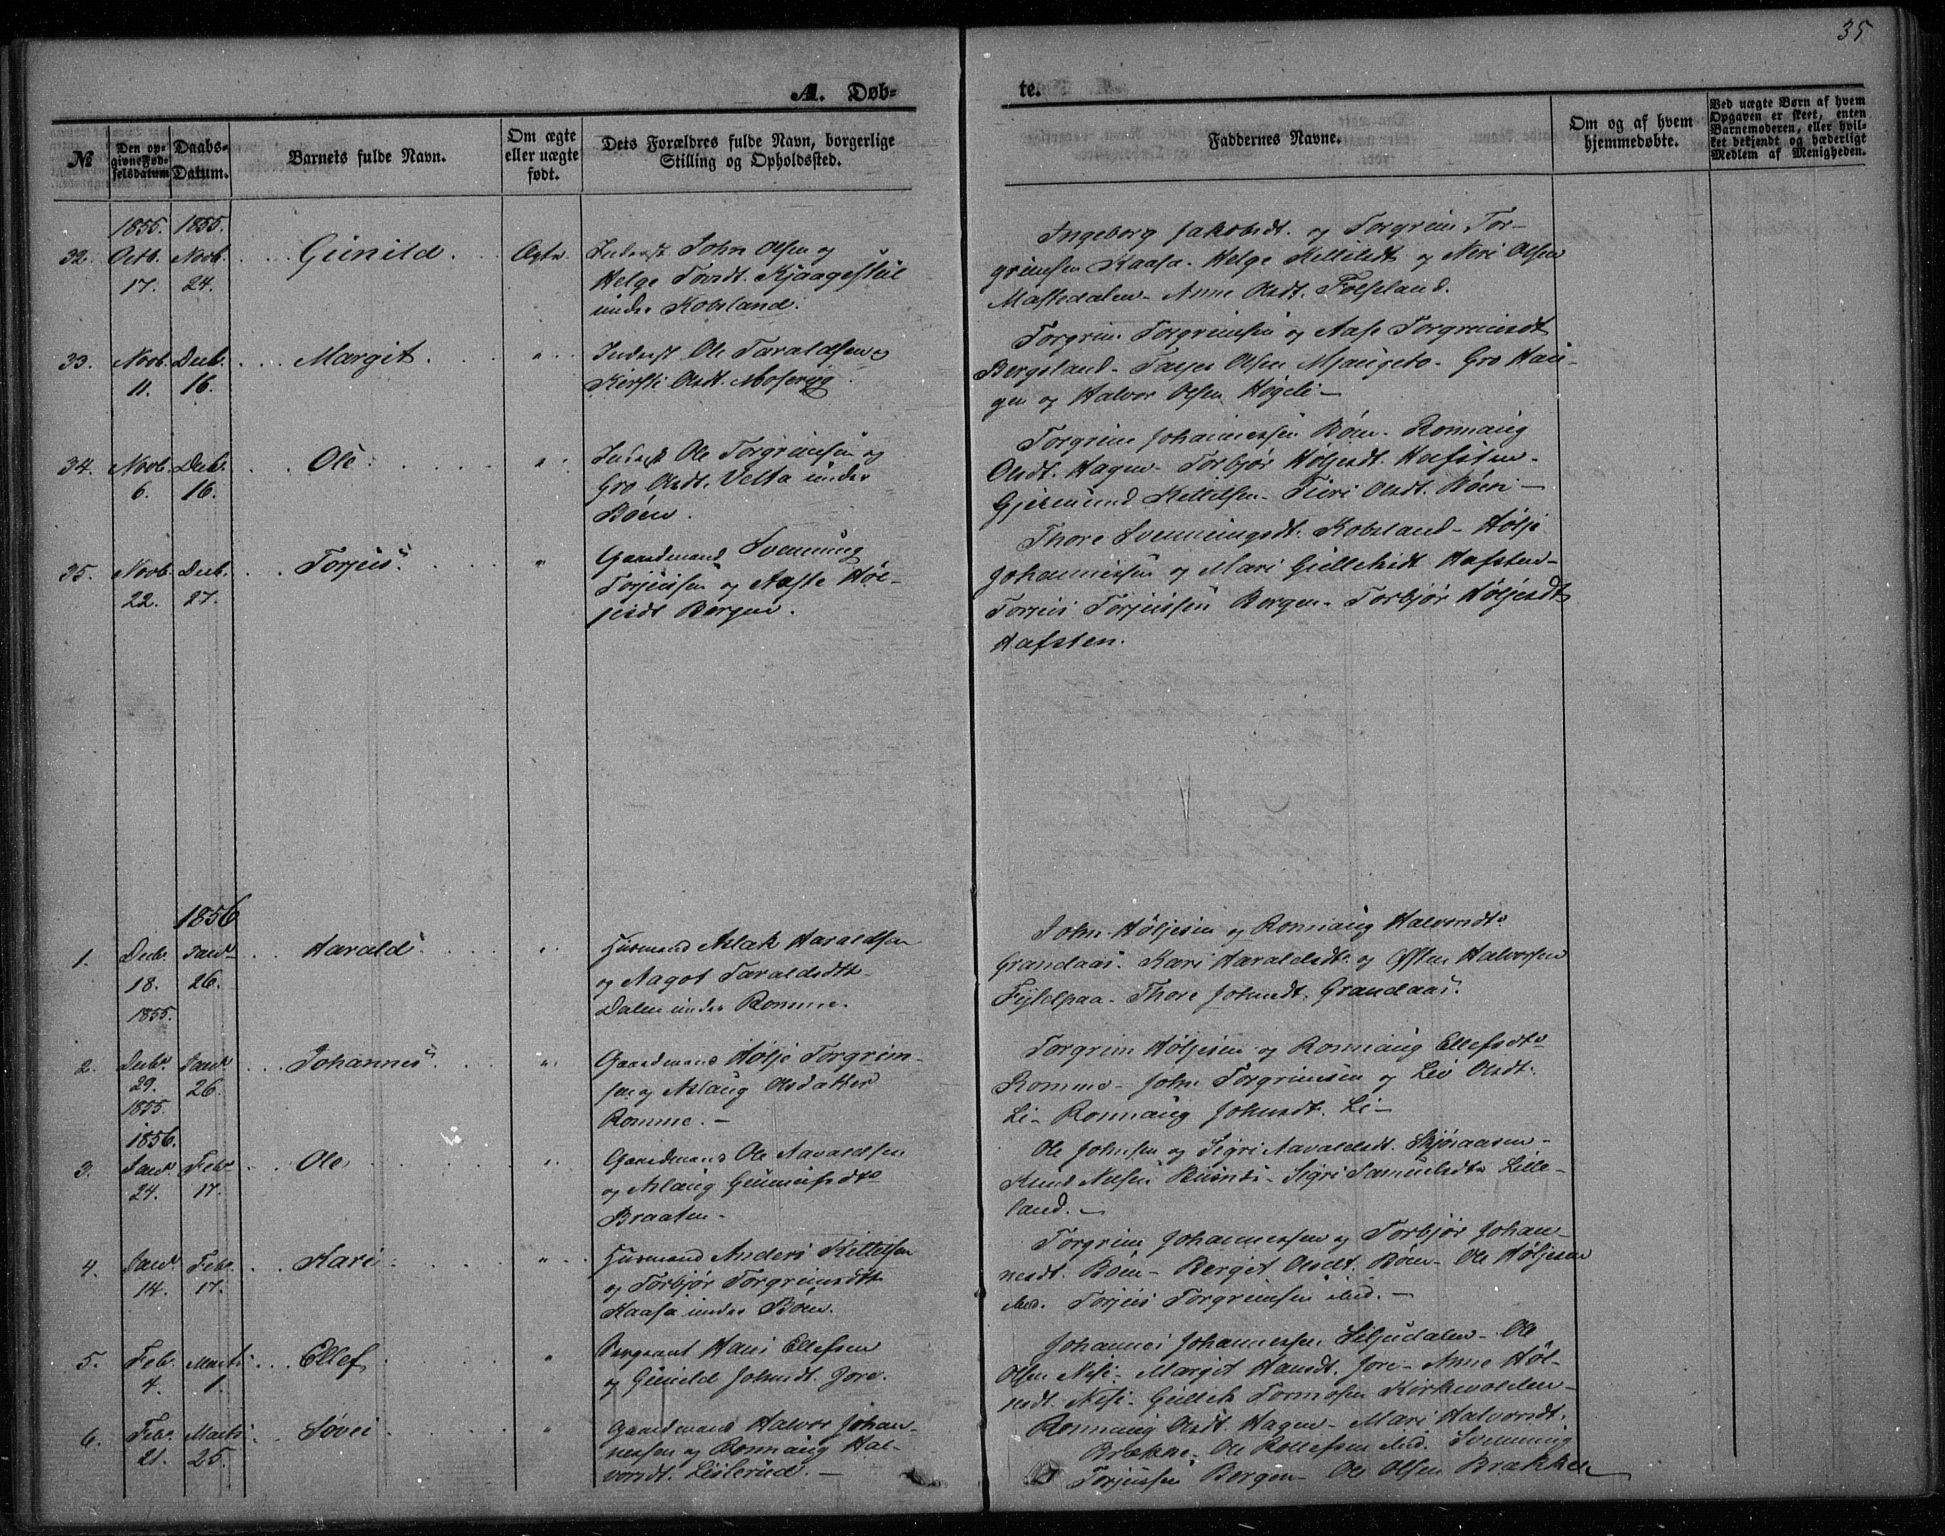 SAKO, Gransherad kirkebøker, F/Fa/L0002: Ministerialbok nr. I 2, 1844-1859, s. 35